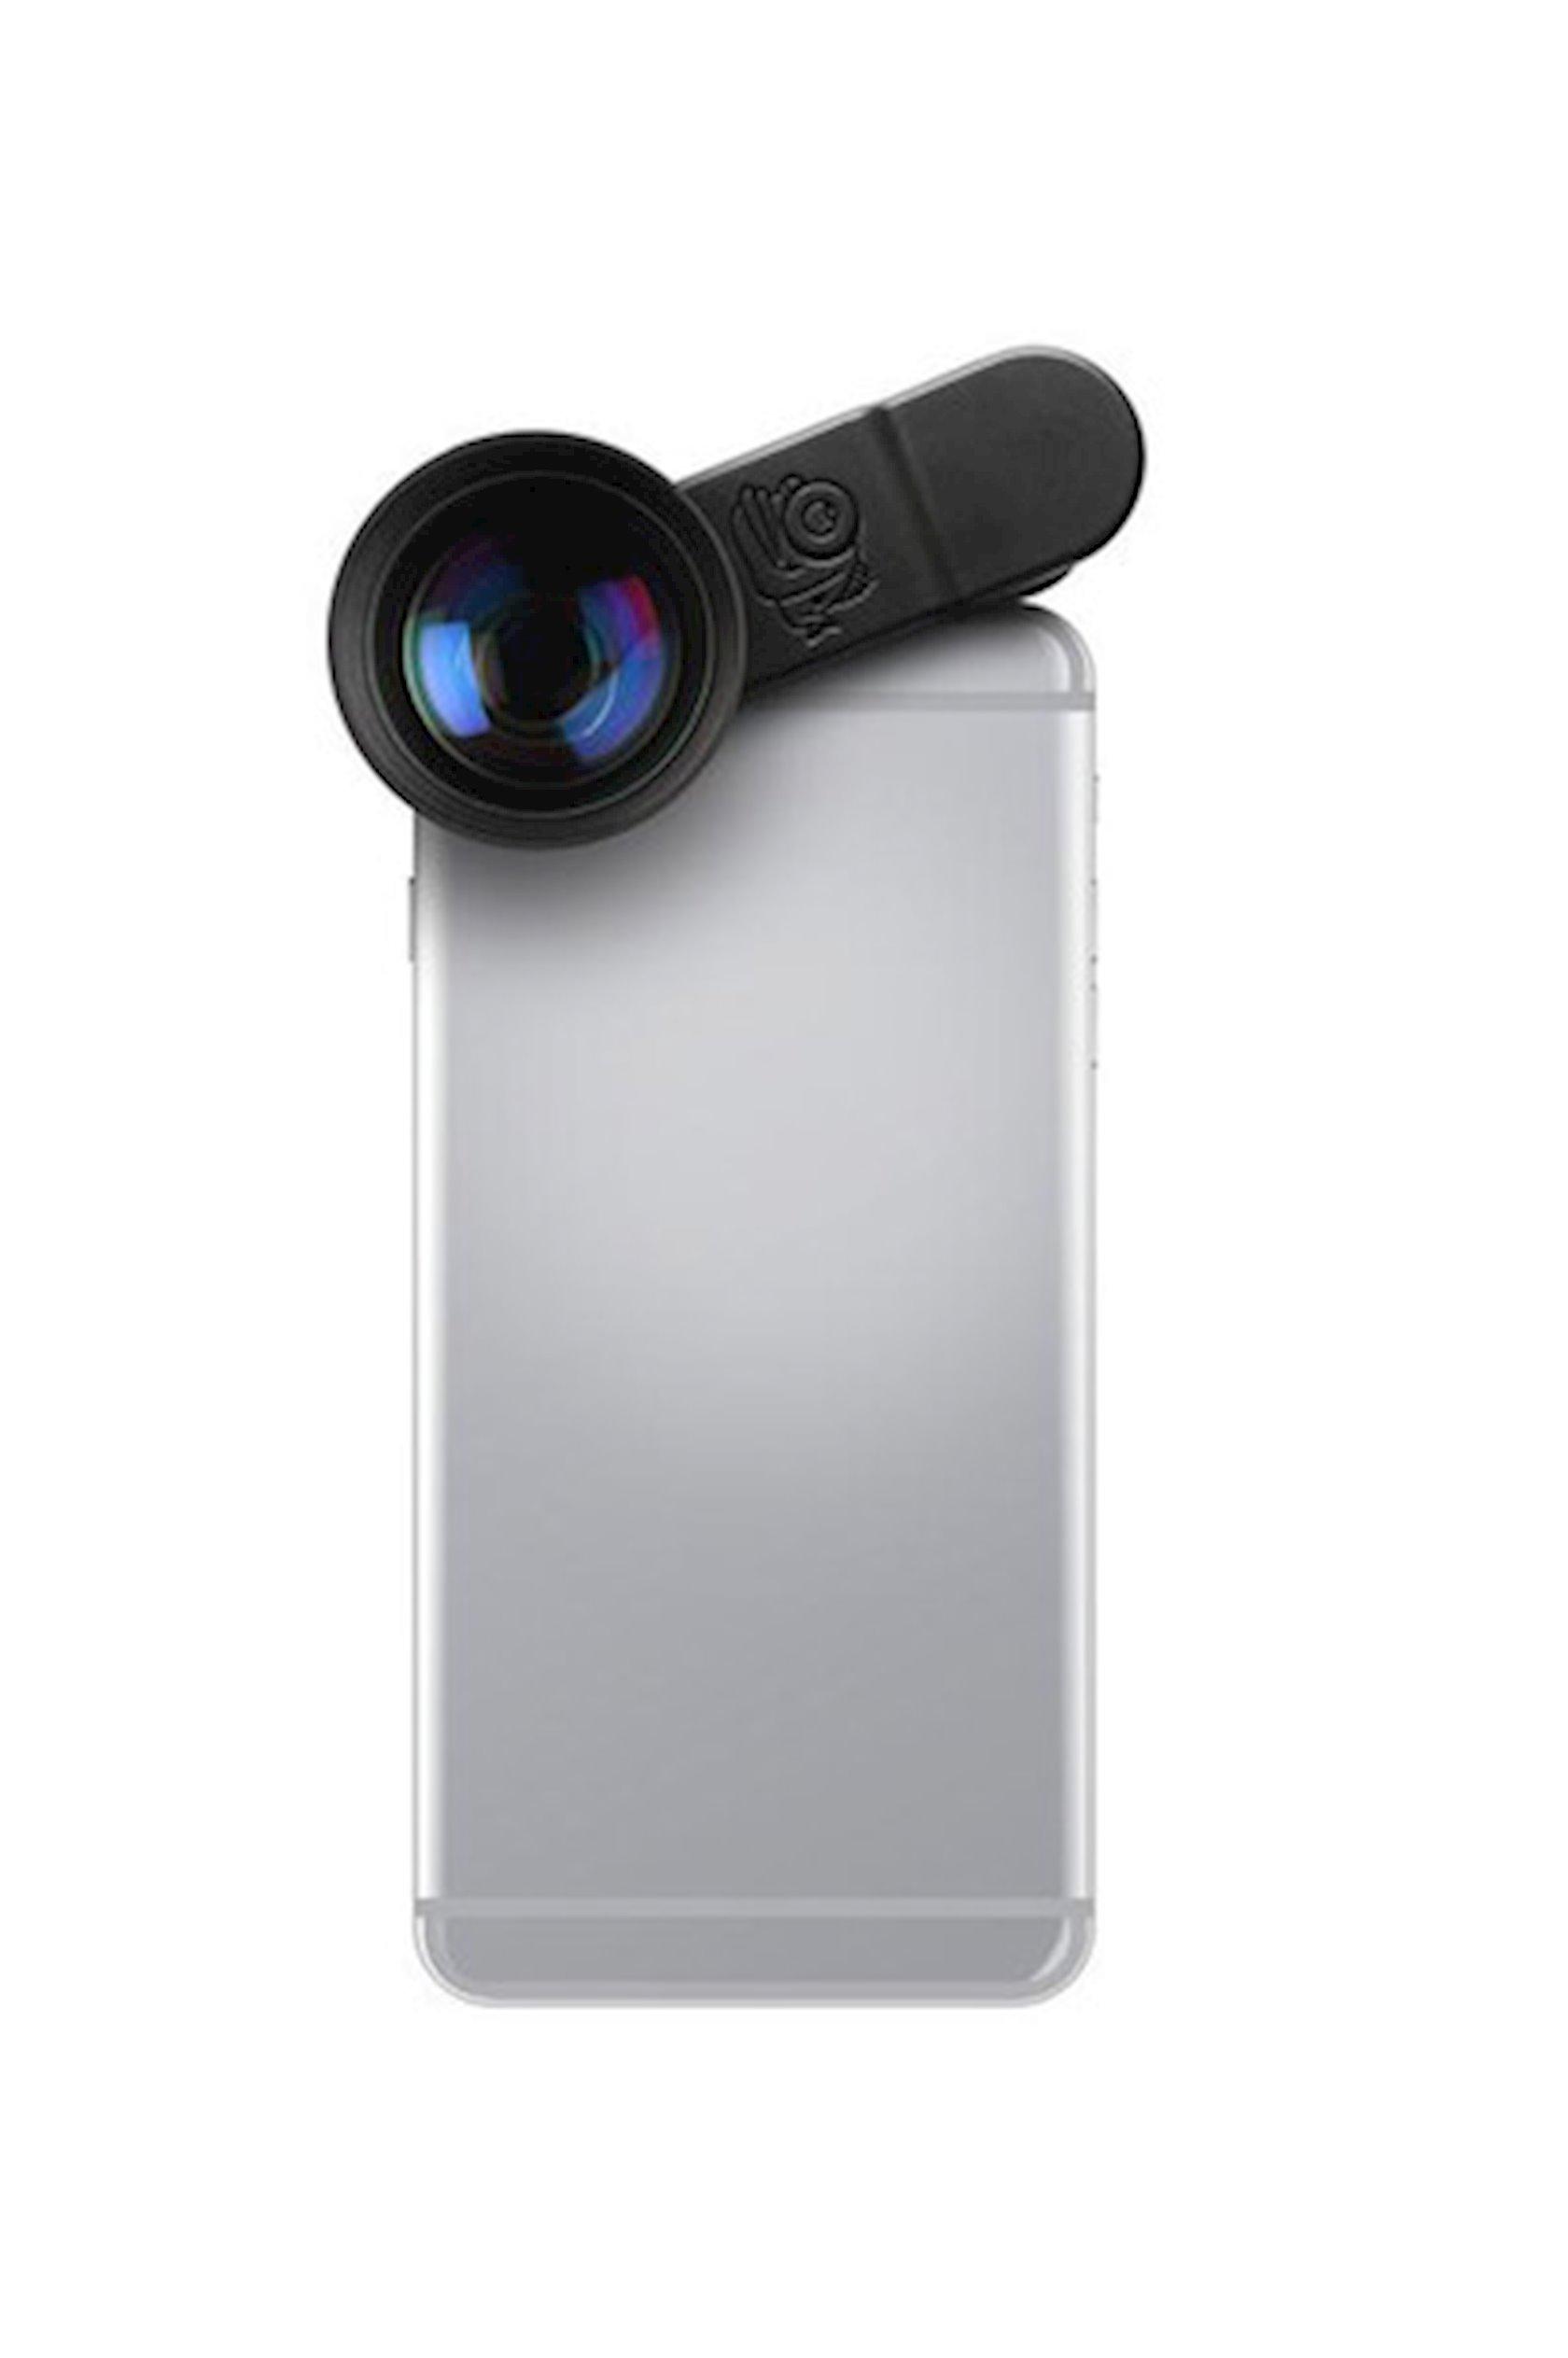 Obyektiv Black Eye Tele X3